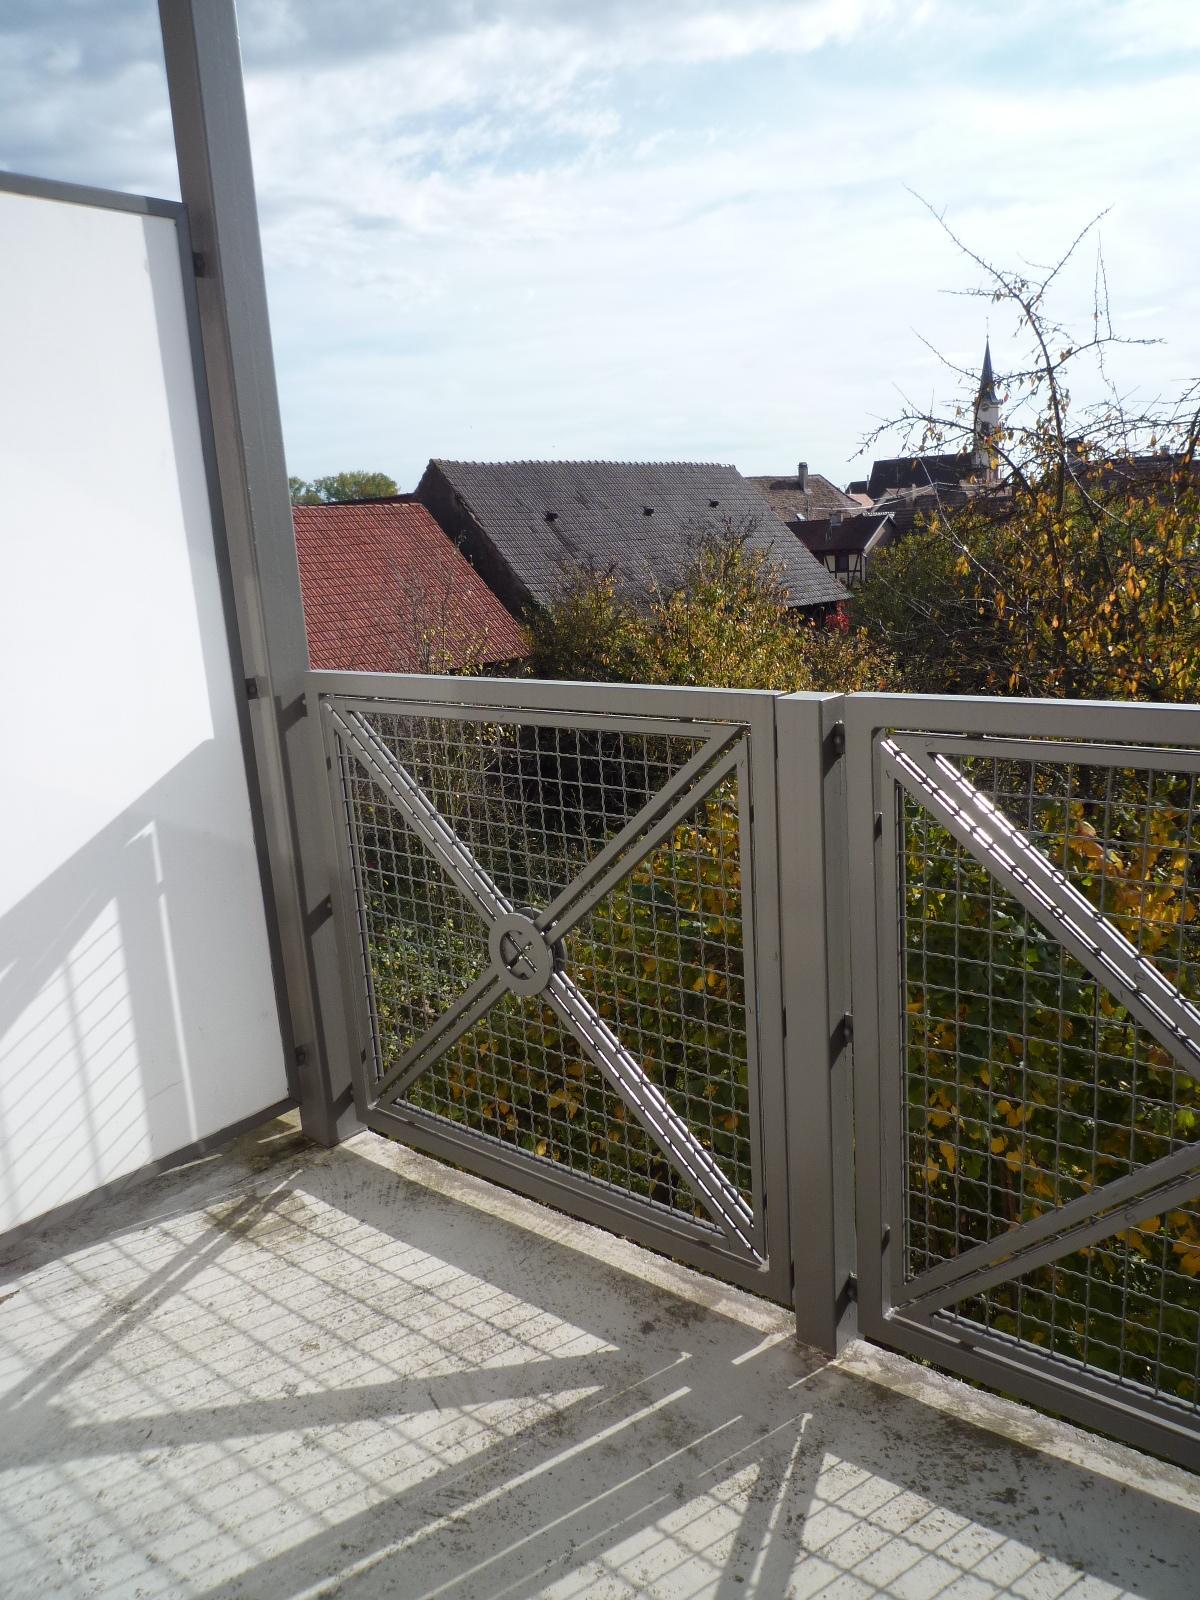 [Lila] Agréable 2 pièces avec balcon et garage - Fegersheim - nos locations - Beausite Immobilier 6